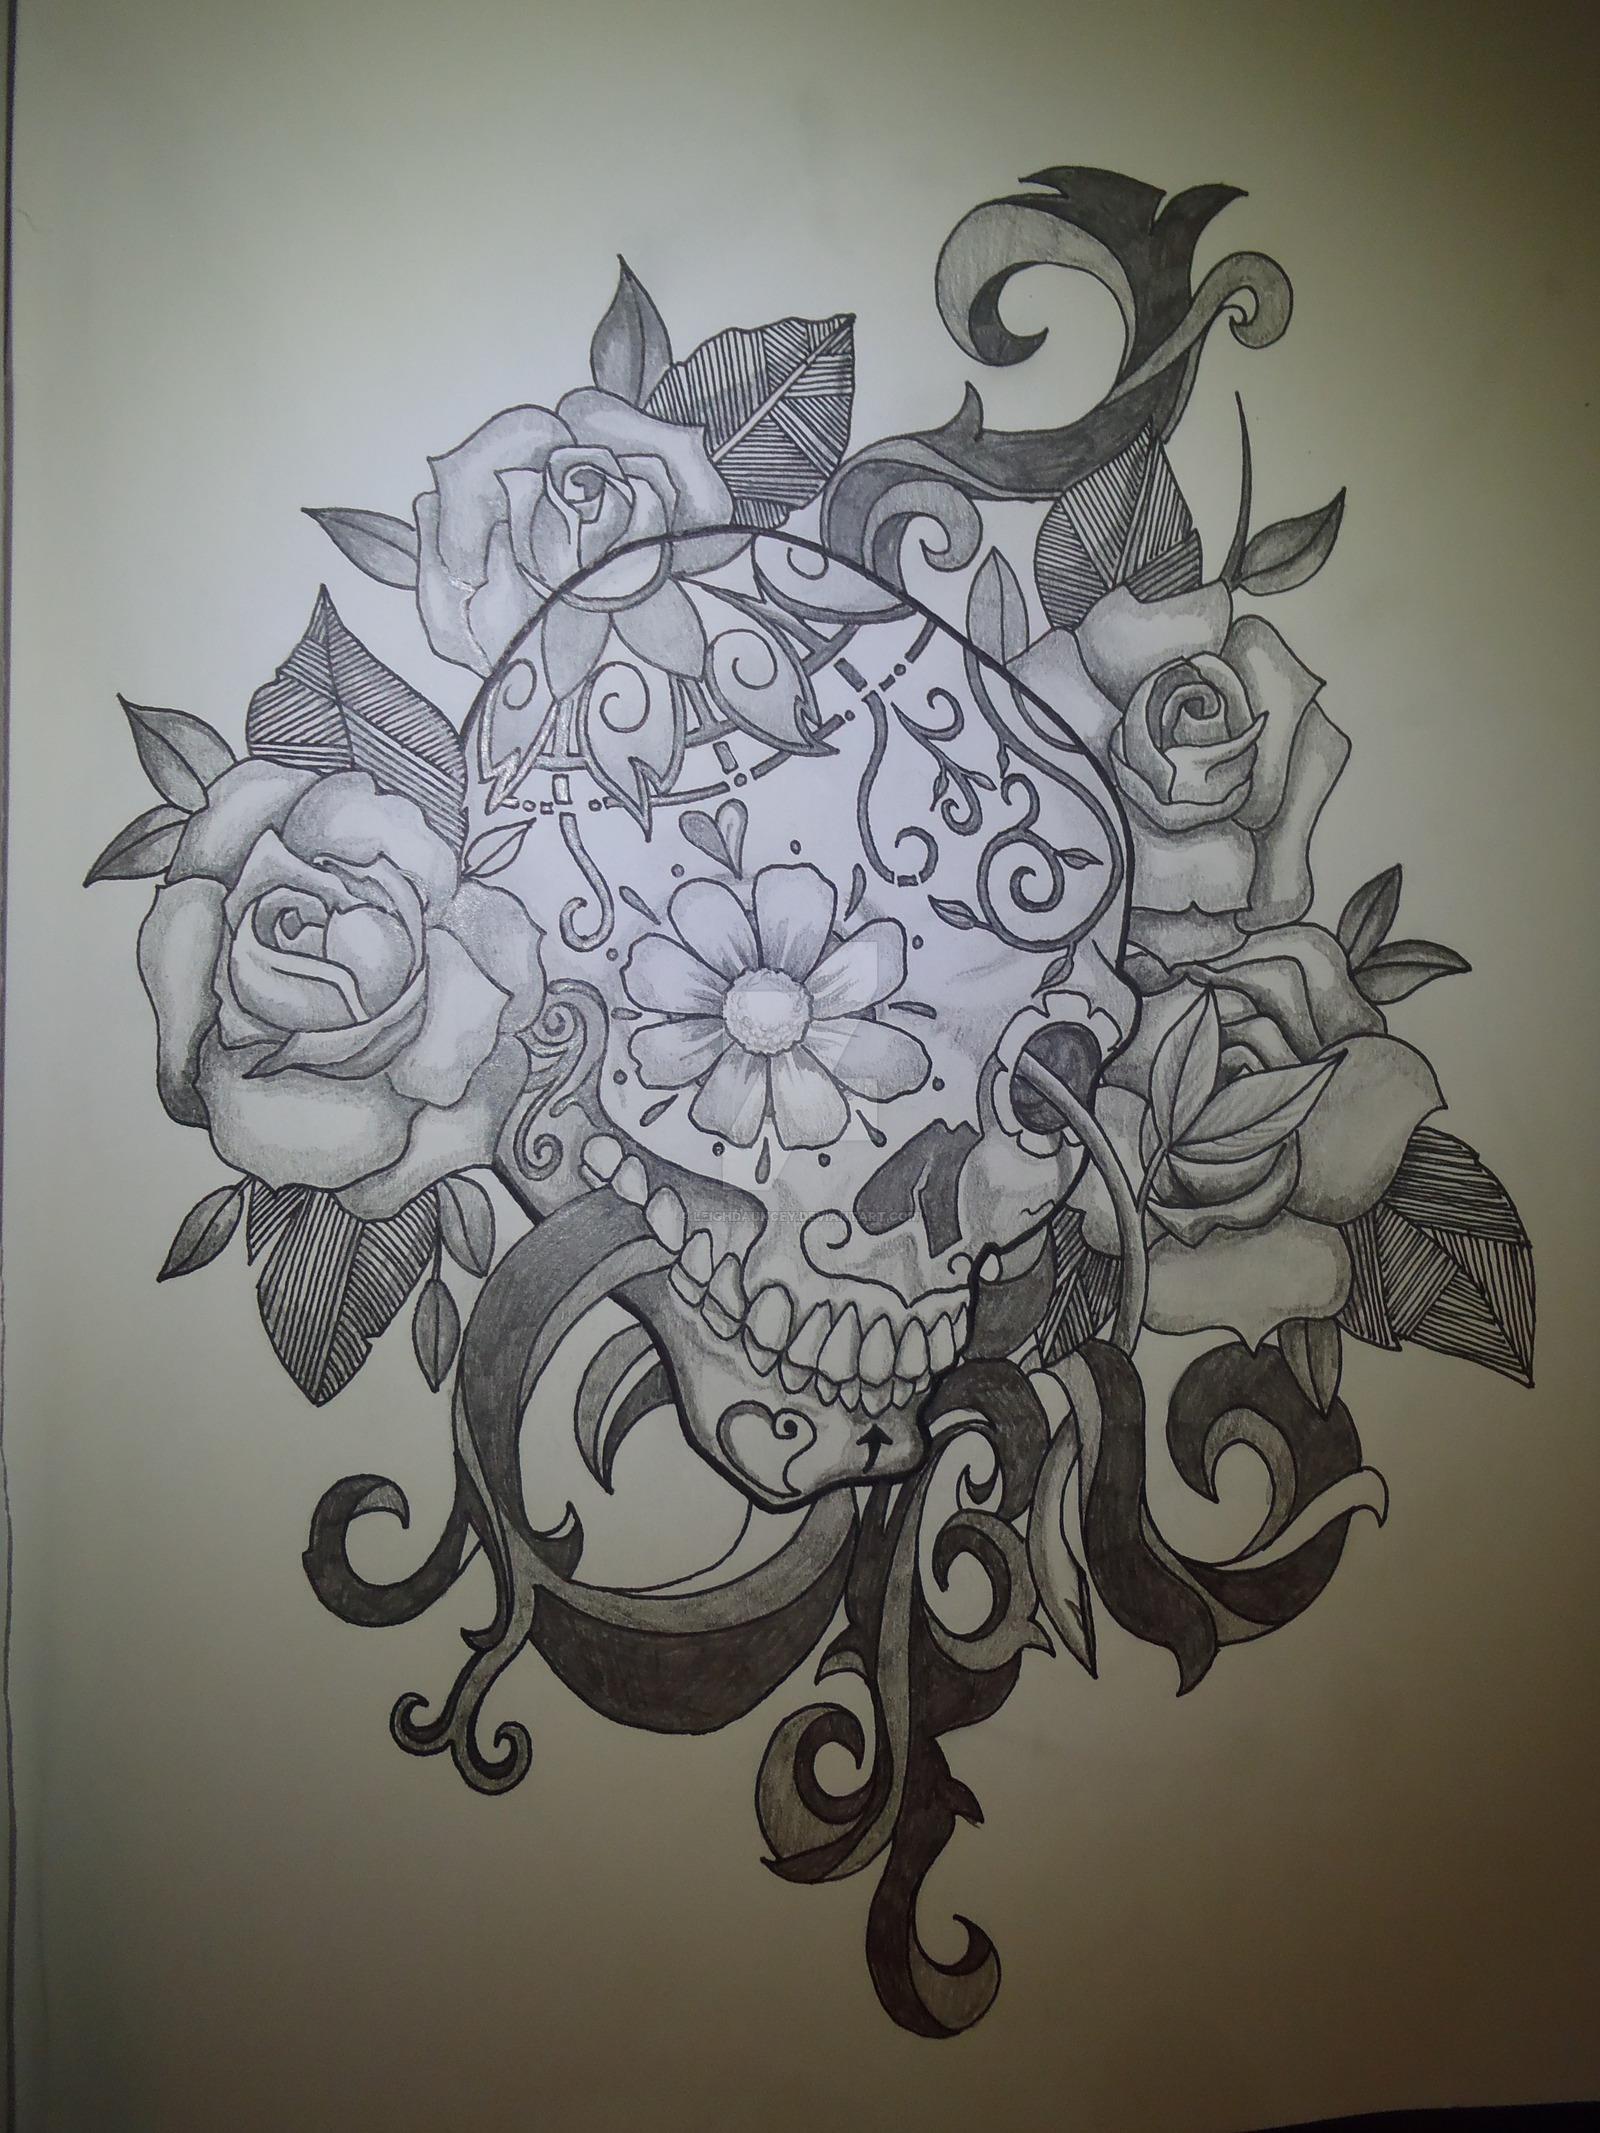 Drawn sugar skull pencil drawing Re Sugar Skull' Re DeviantArt